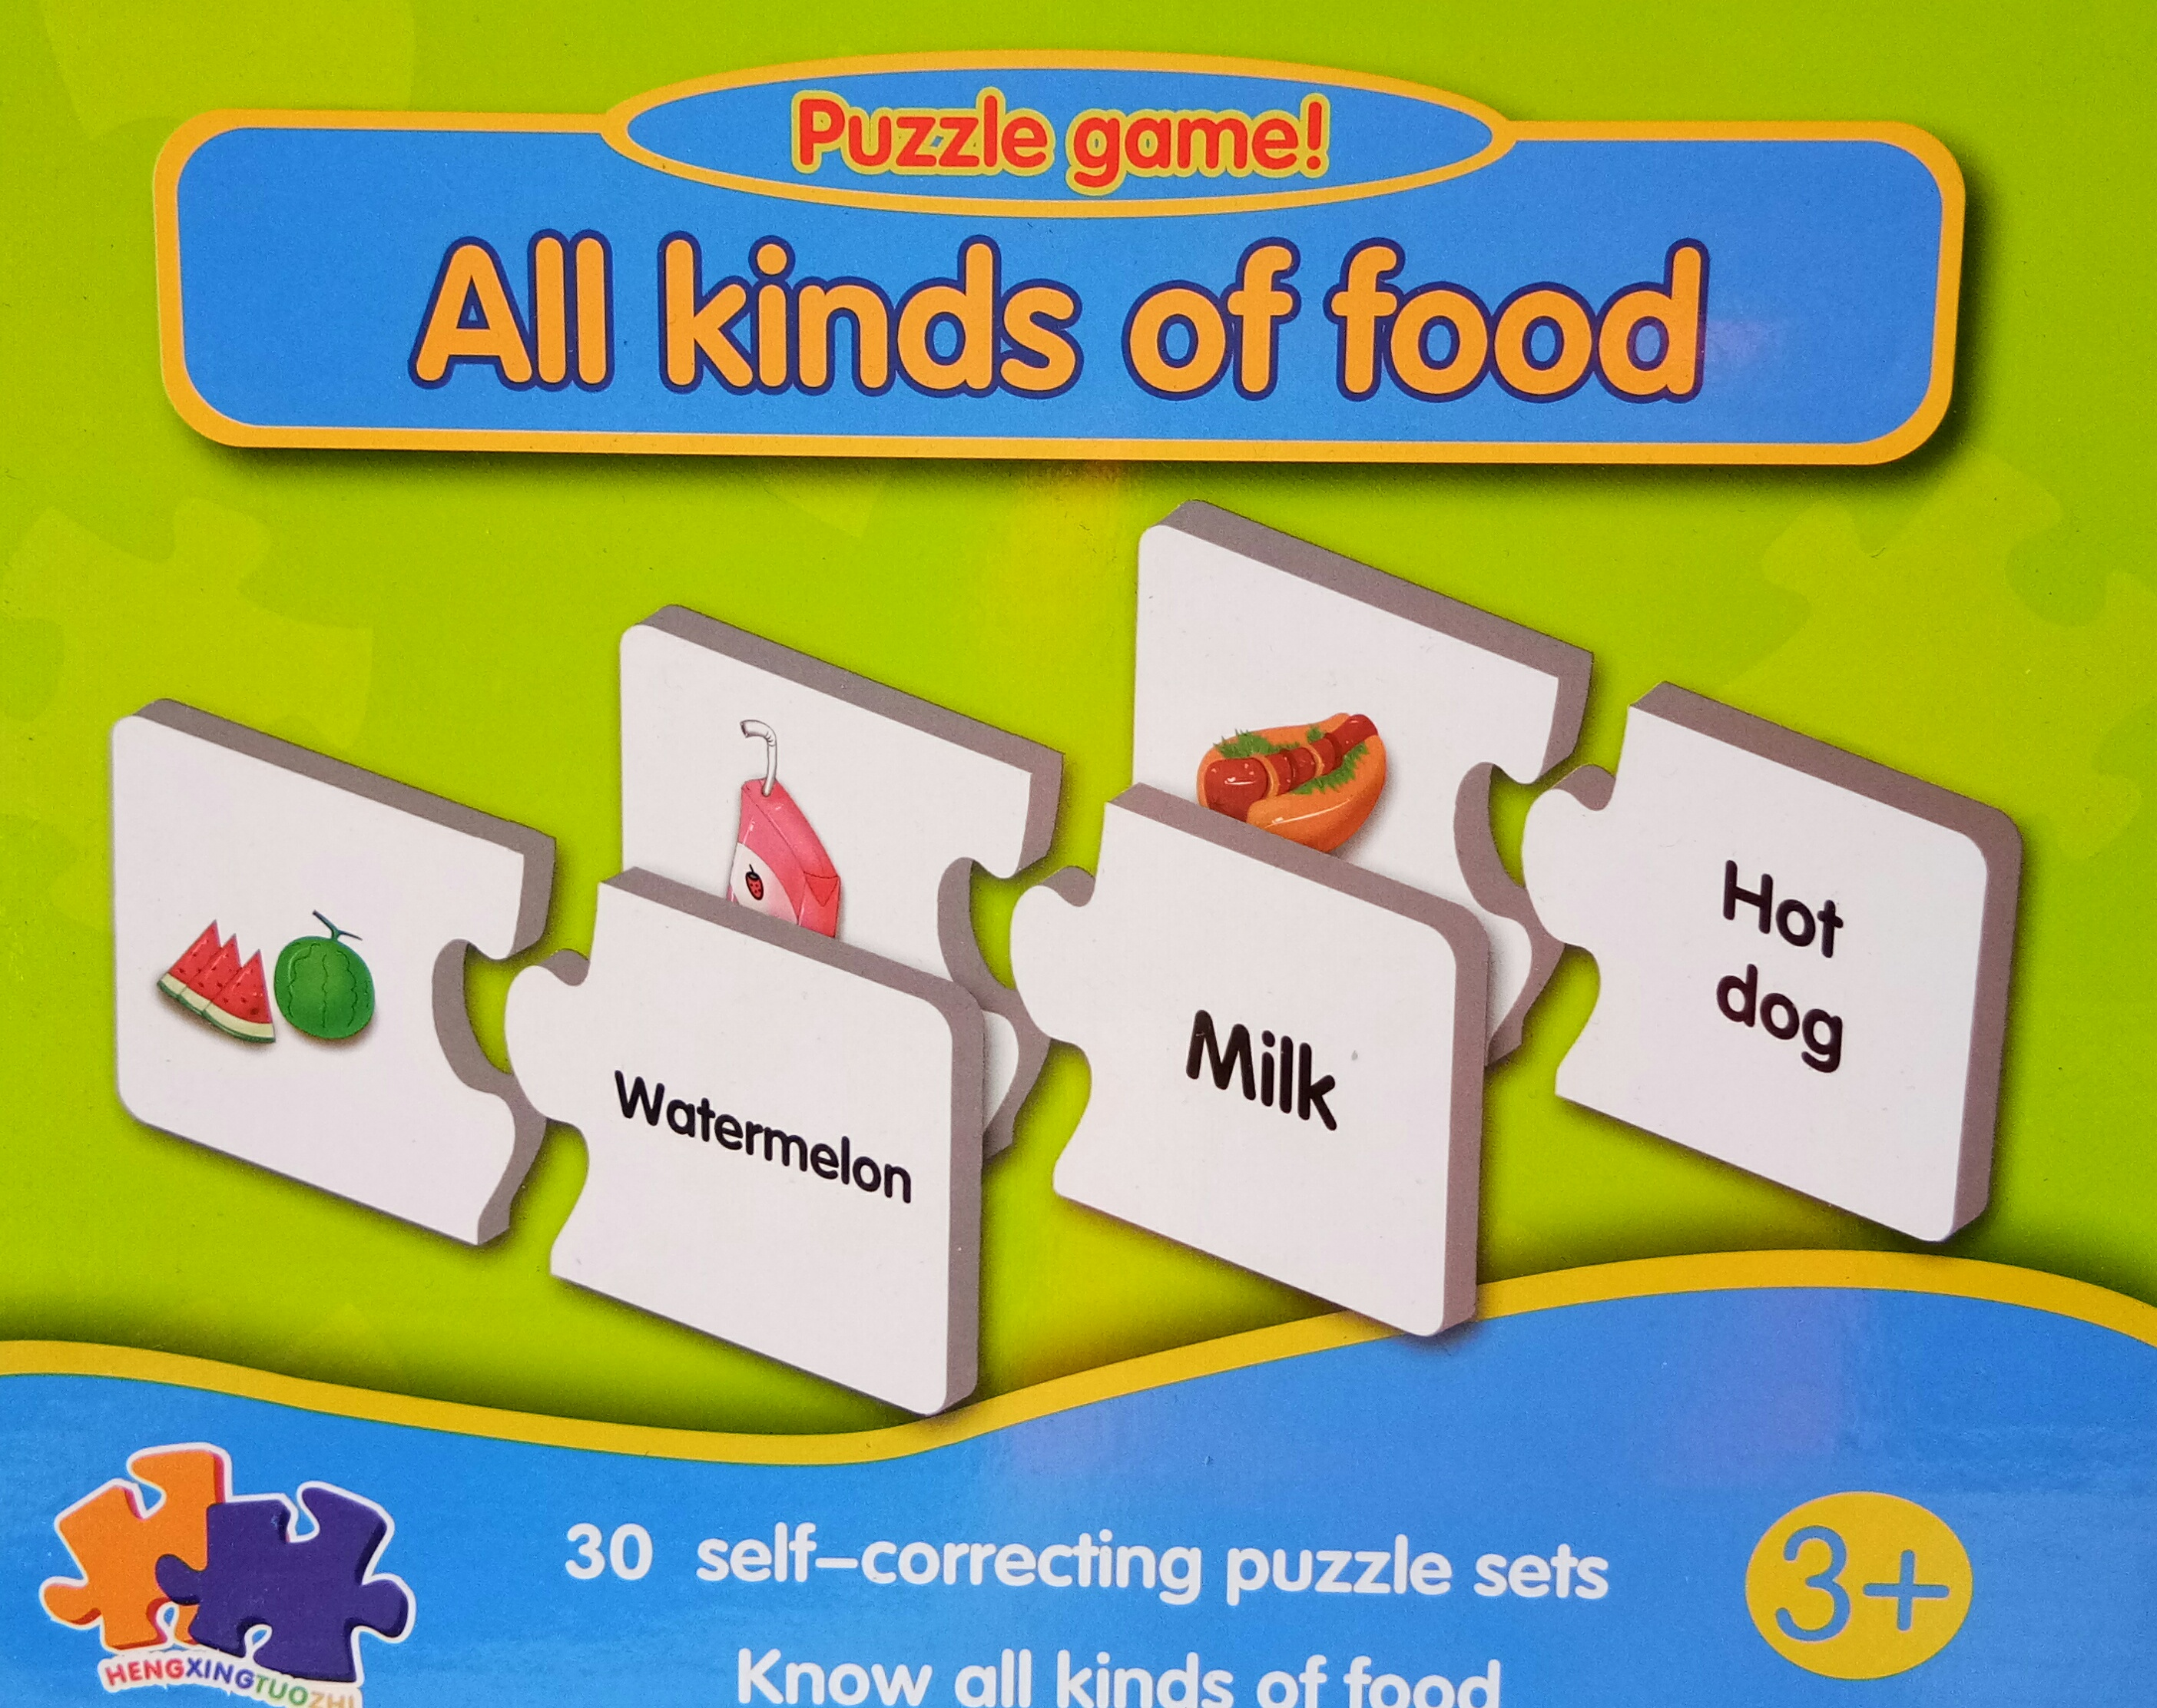 จิ๊กซอ จับภาพคำศัพท์อาหาร All kinds of food